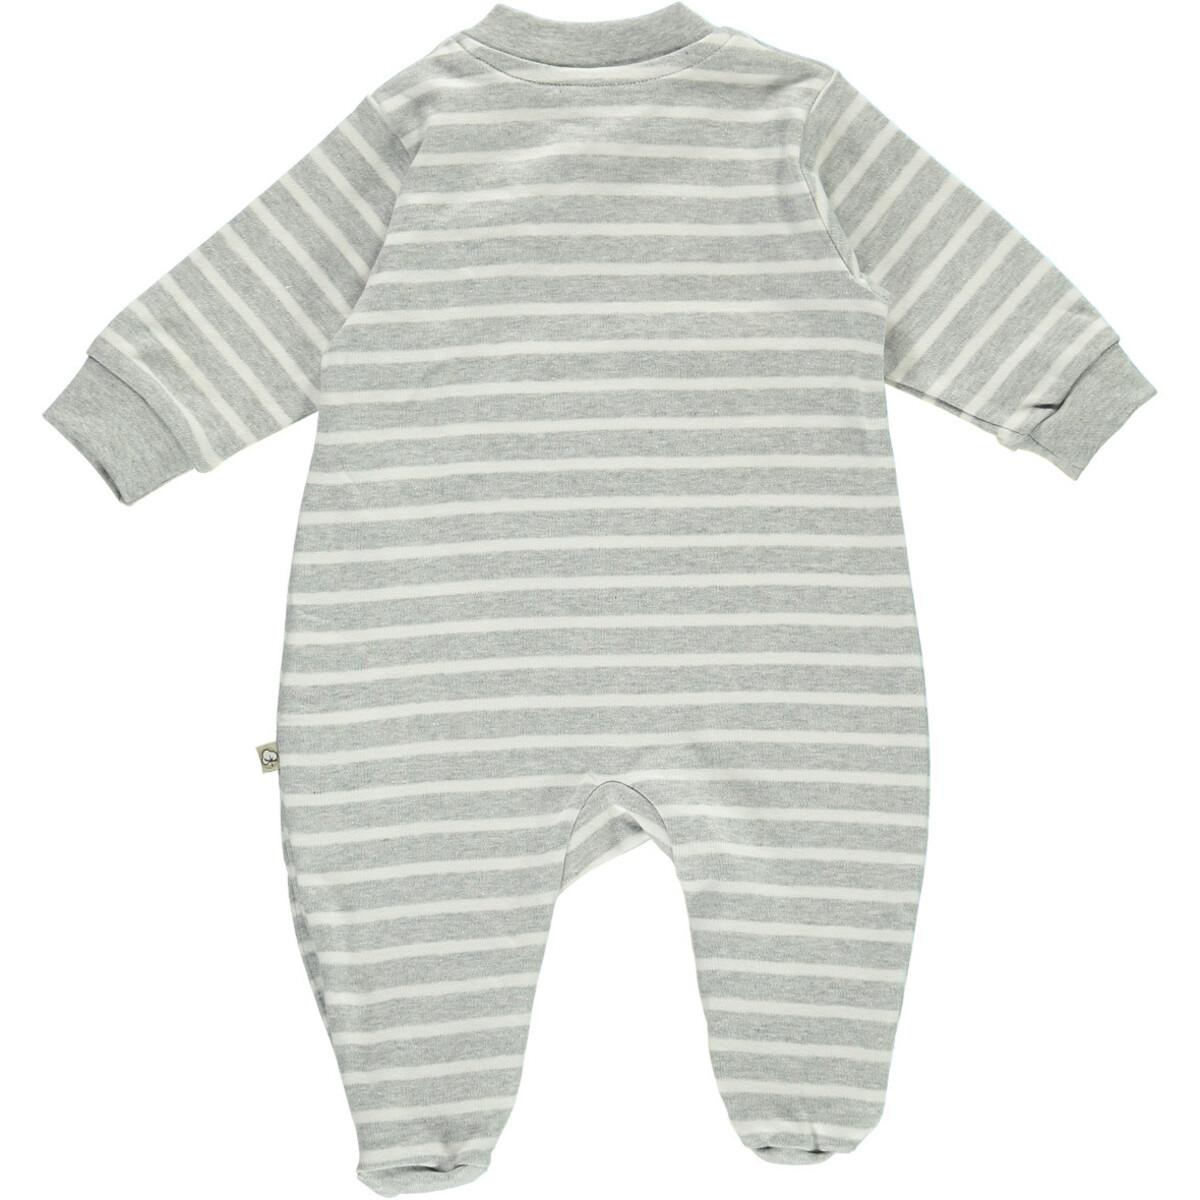 Bild 2 von Baby Pyjama einteilig